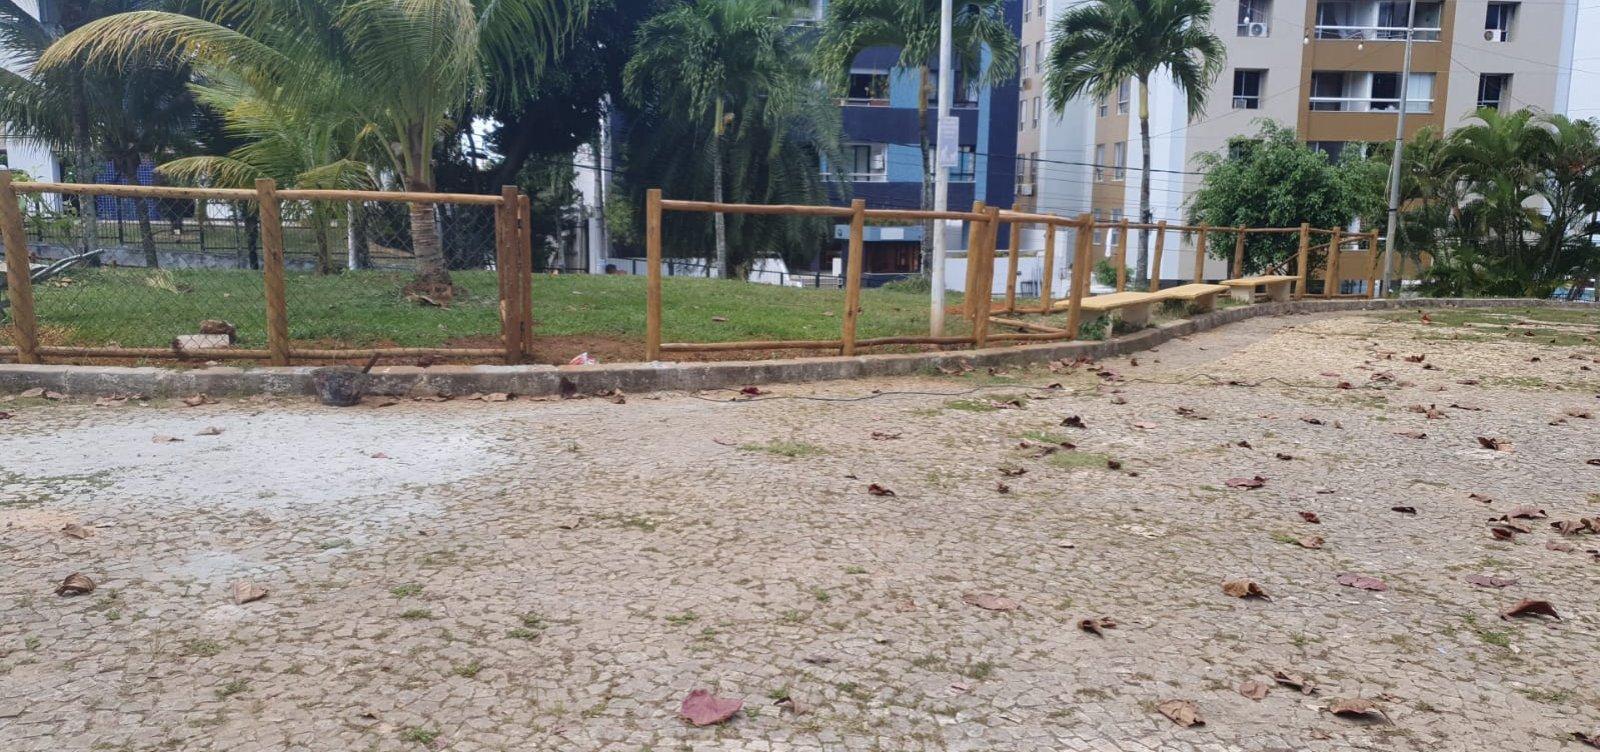 Moradores do Rio Vermelho vivem terror com arrastão em praça